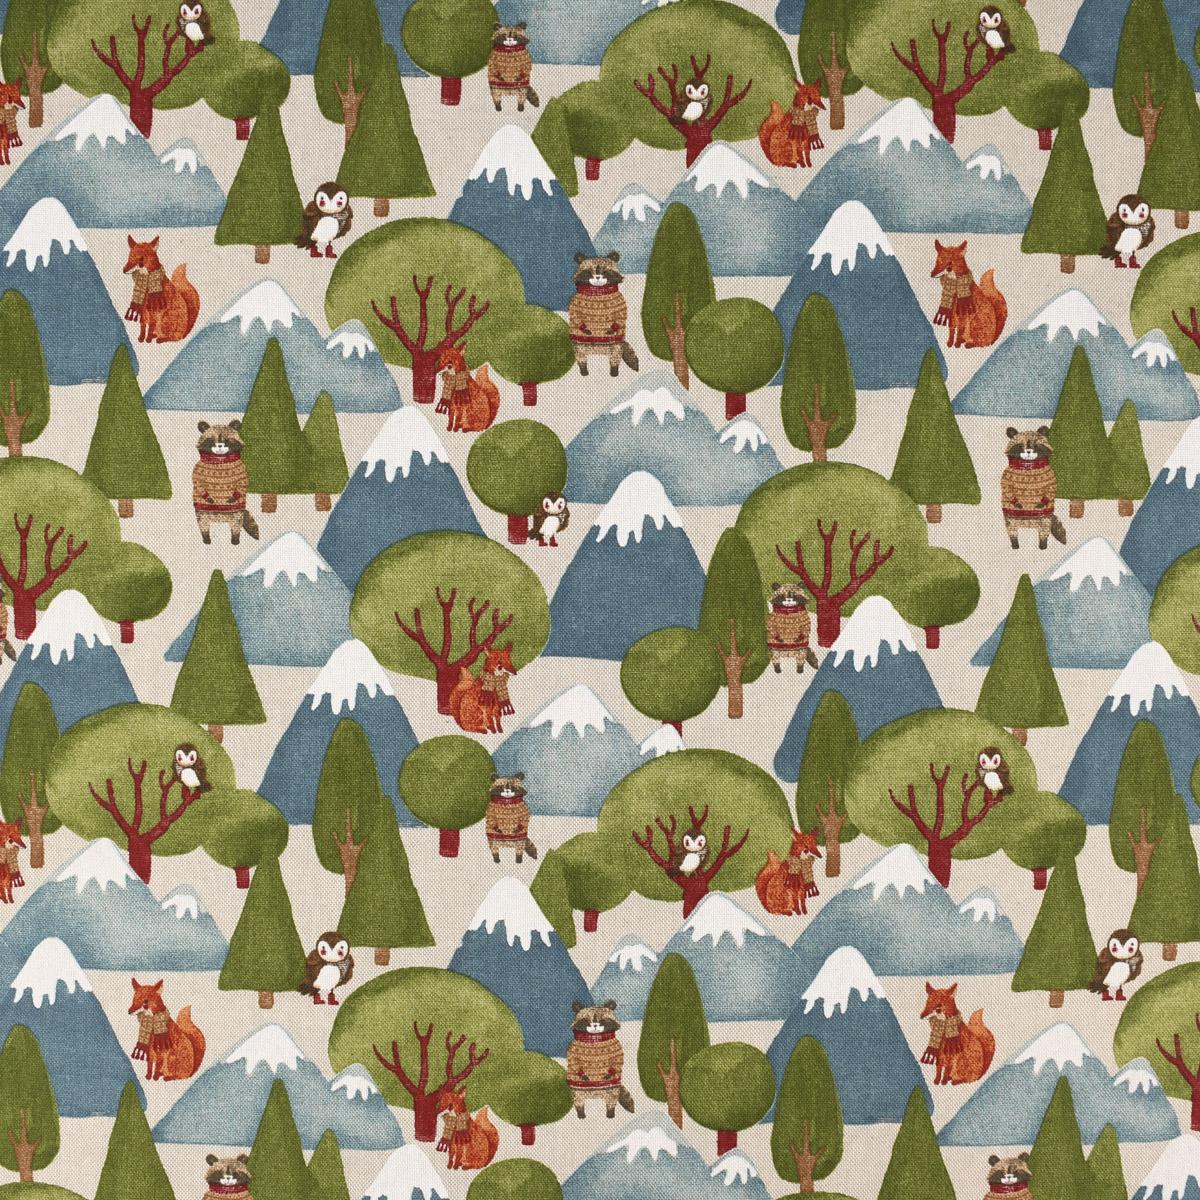 Dekostoff Halbpanama Leinenlook Wald Berge Wintertiere Fuchs Eule Waschbär natur grün blau 1,40m Breite